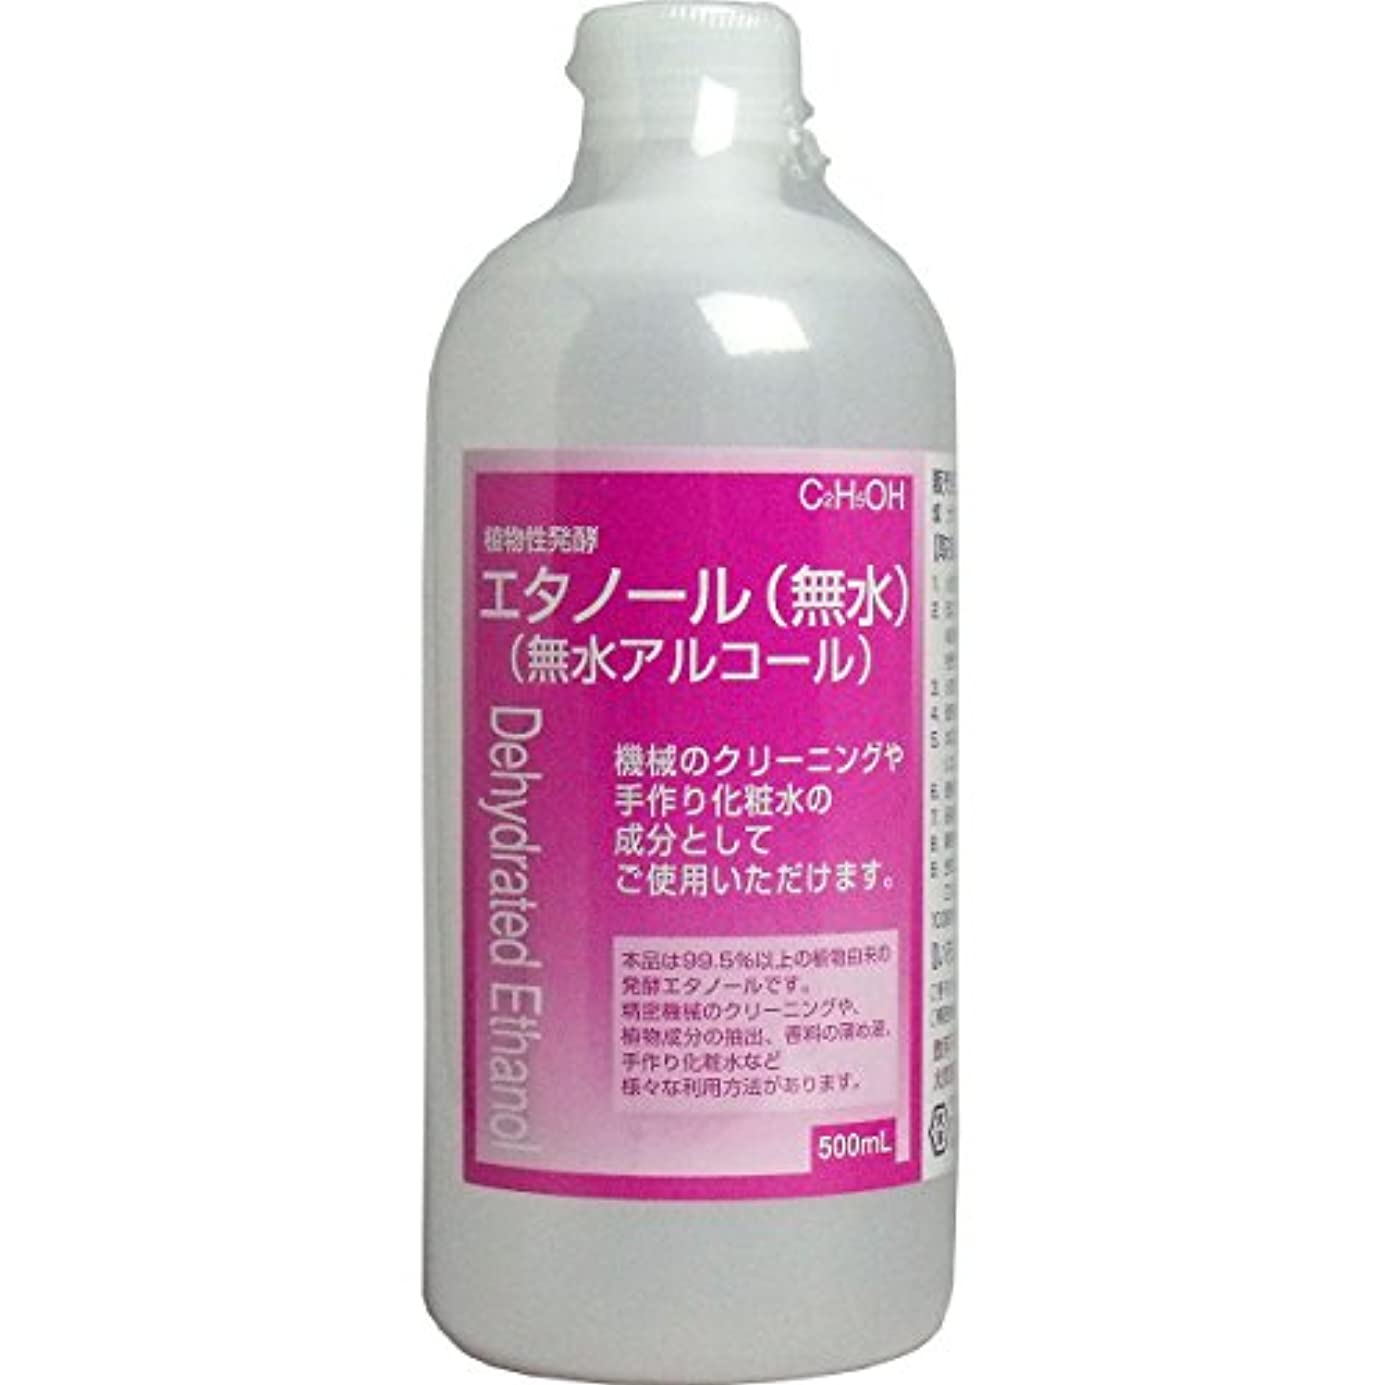 手作り化粧水に 植物性発酵エタノール(無水エタノール) 500mL 2本セット